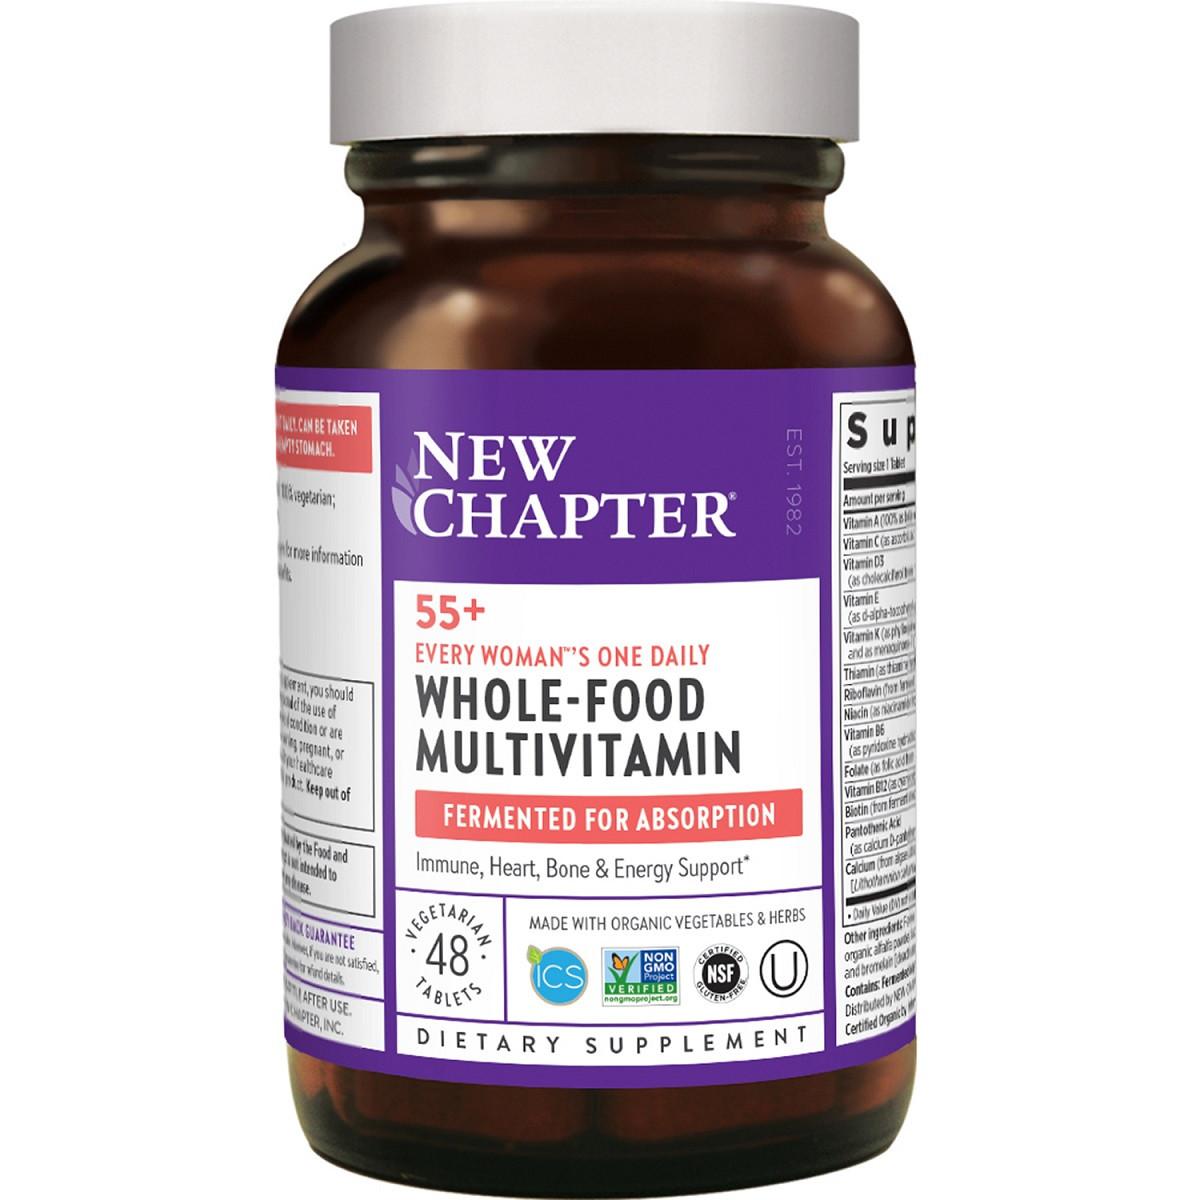 Ежедневные Мультивитамины Для Женщин 55+, Every Woman, New Chapter, 48 Таблеток